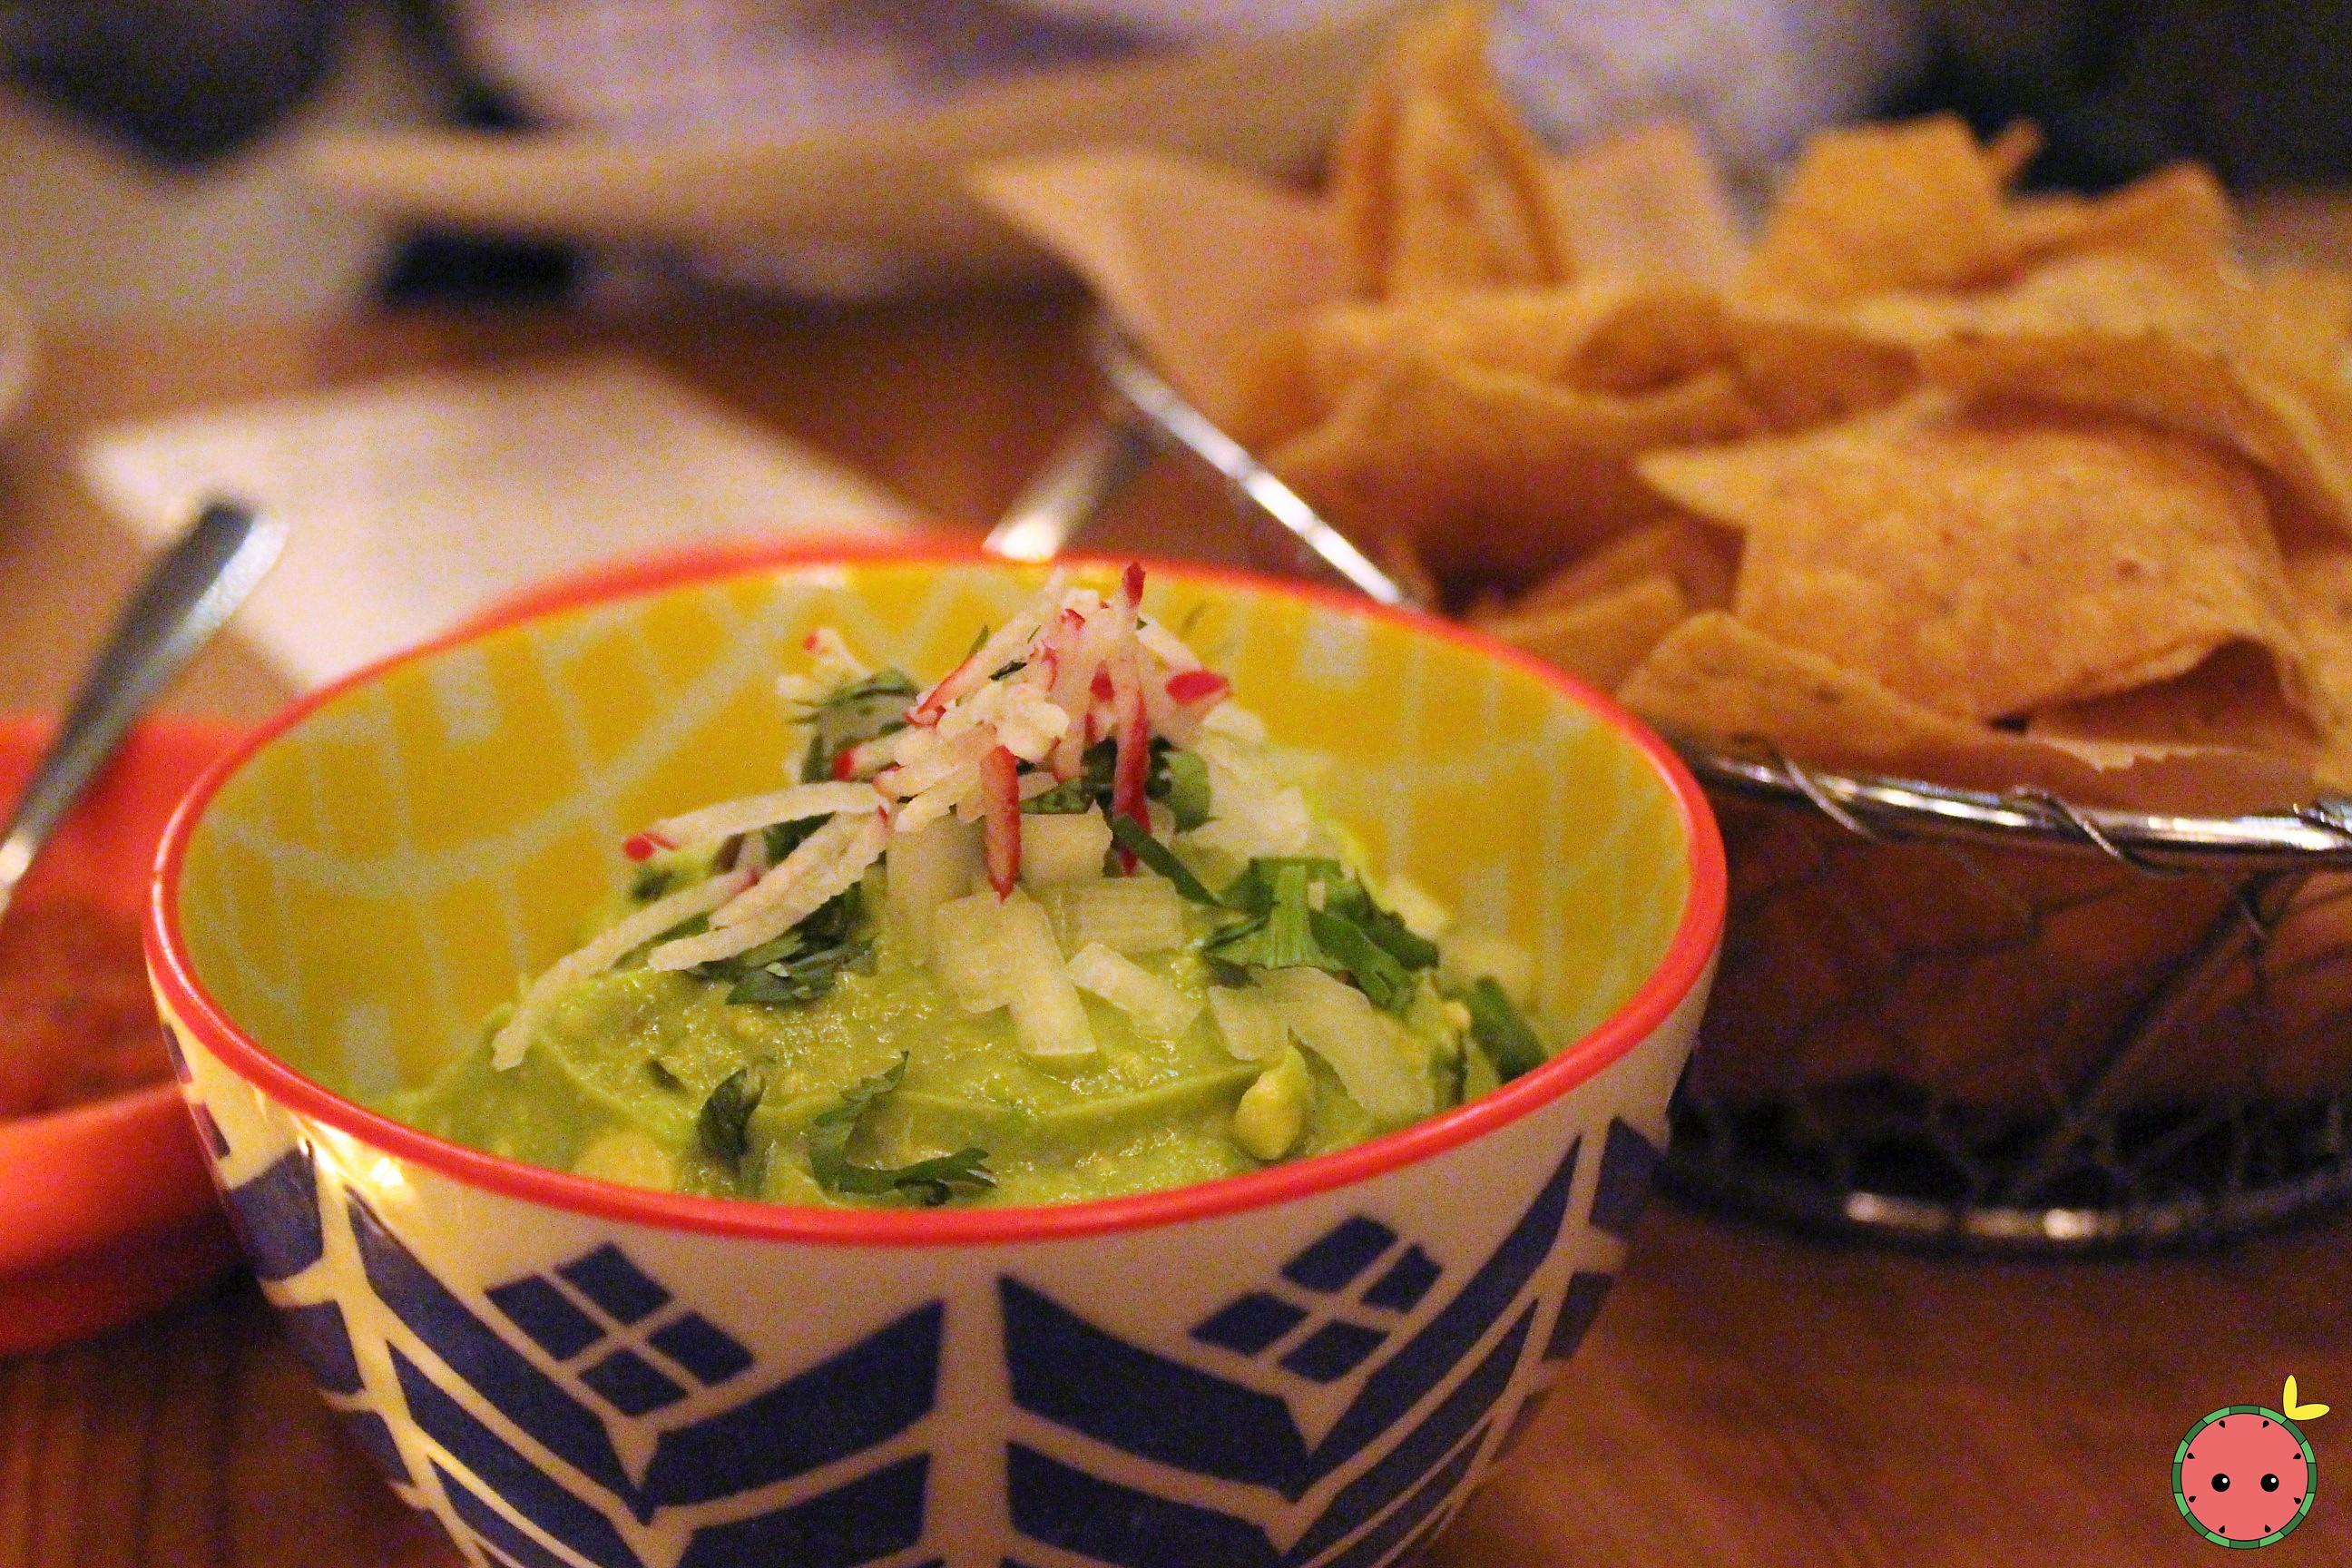 Guacamole, Salsa & Chips - Onion, cilantro, radishes